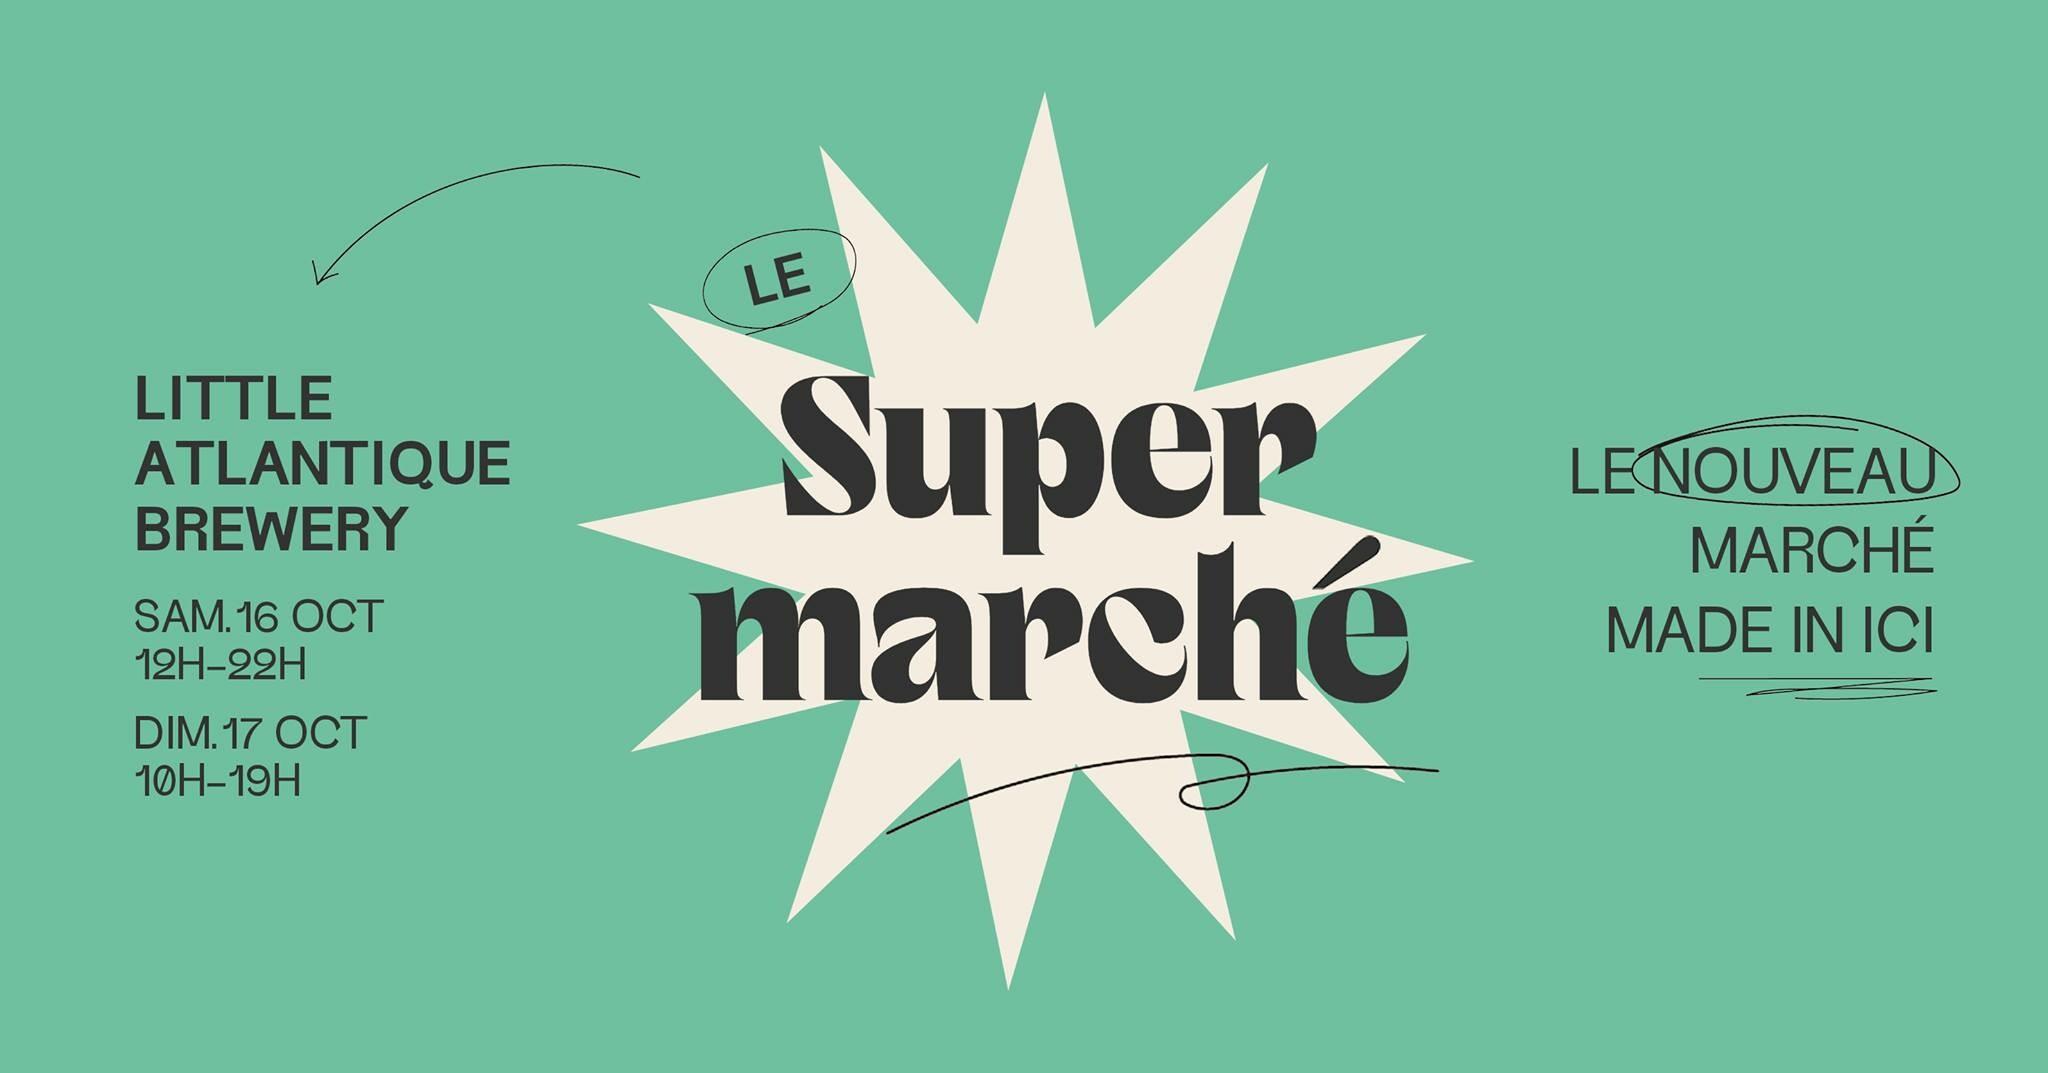 Le Super Marché